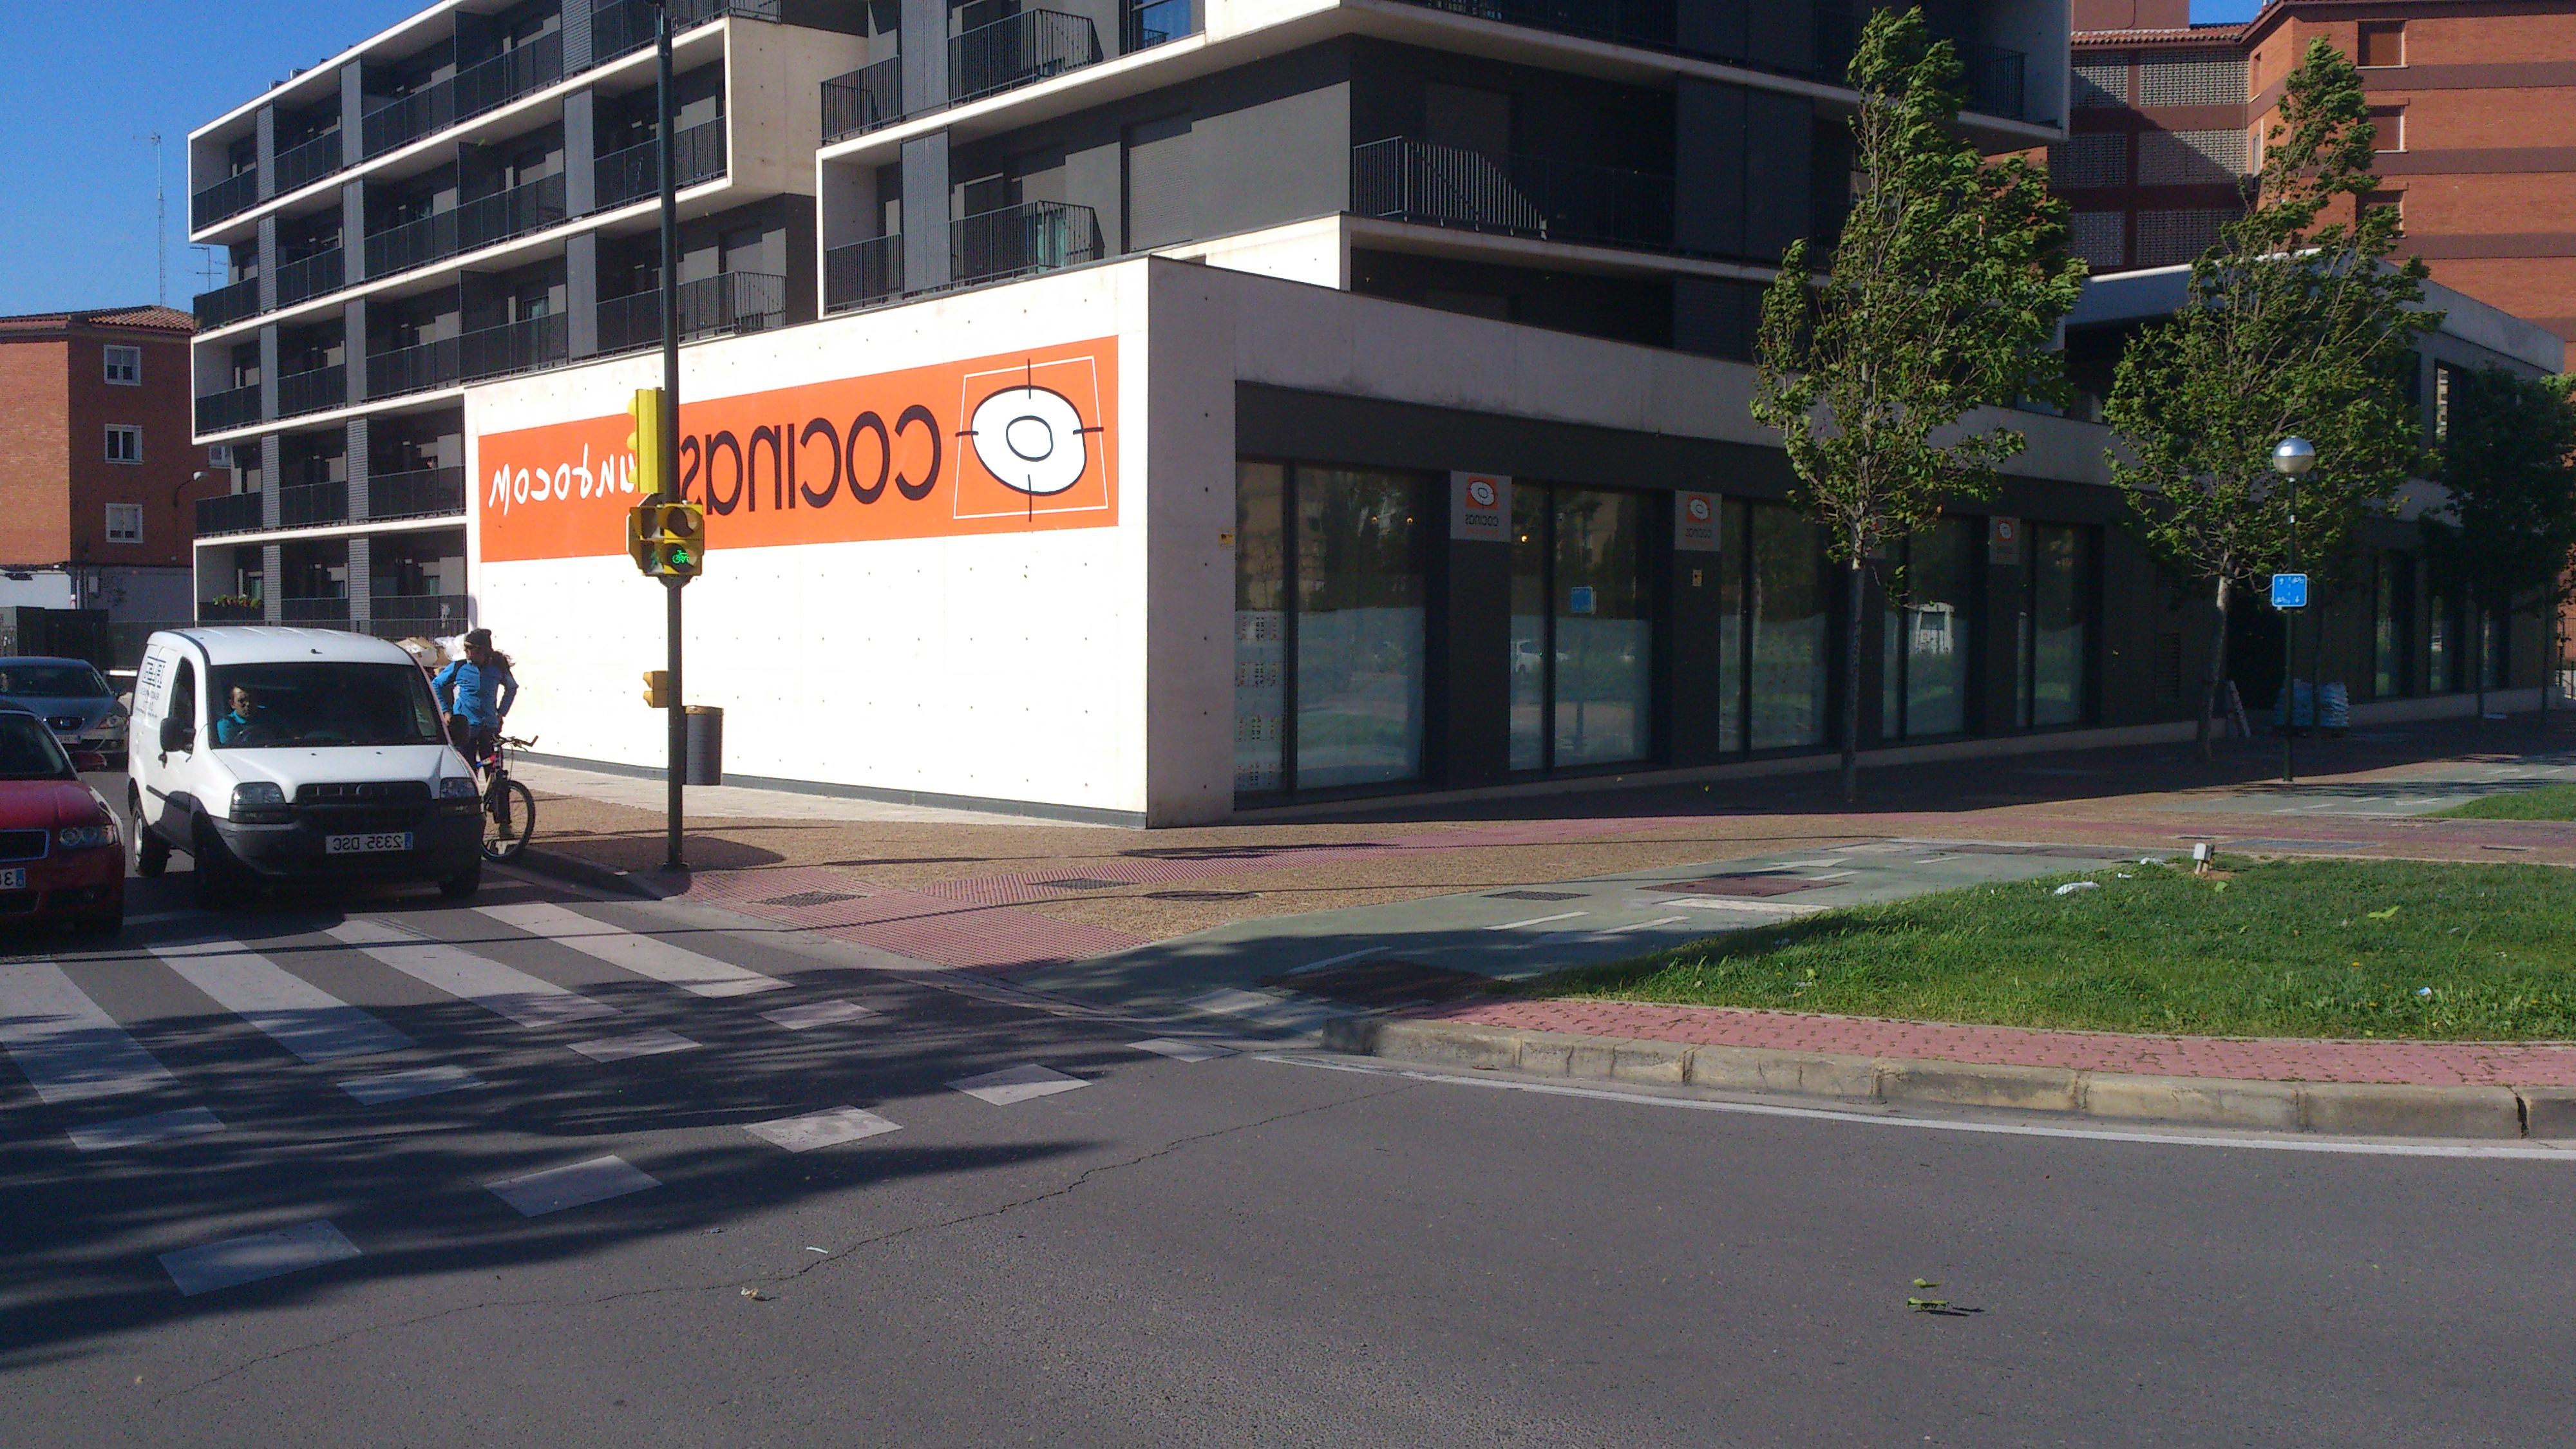 Muebles De Cocina En Zaragoza Wddj Gran Inauguracià N Tienda Cocinas Zaragoza Blog Cocinas